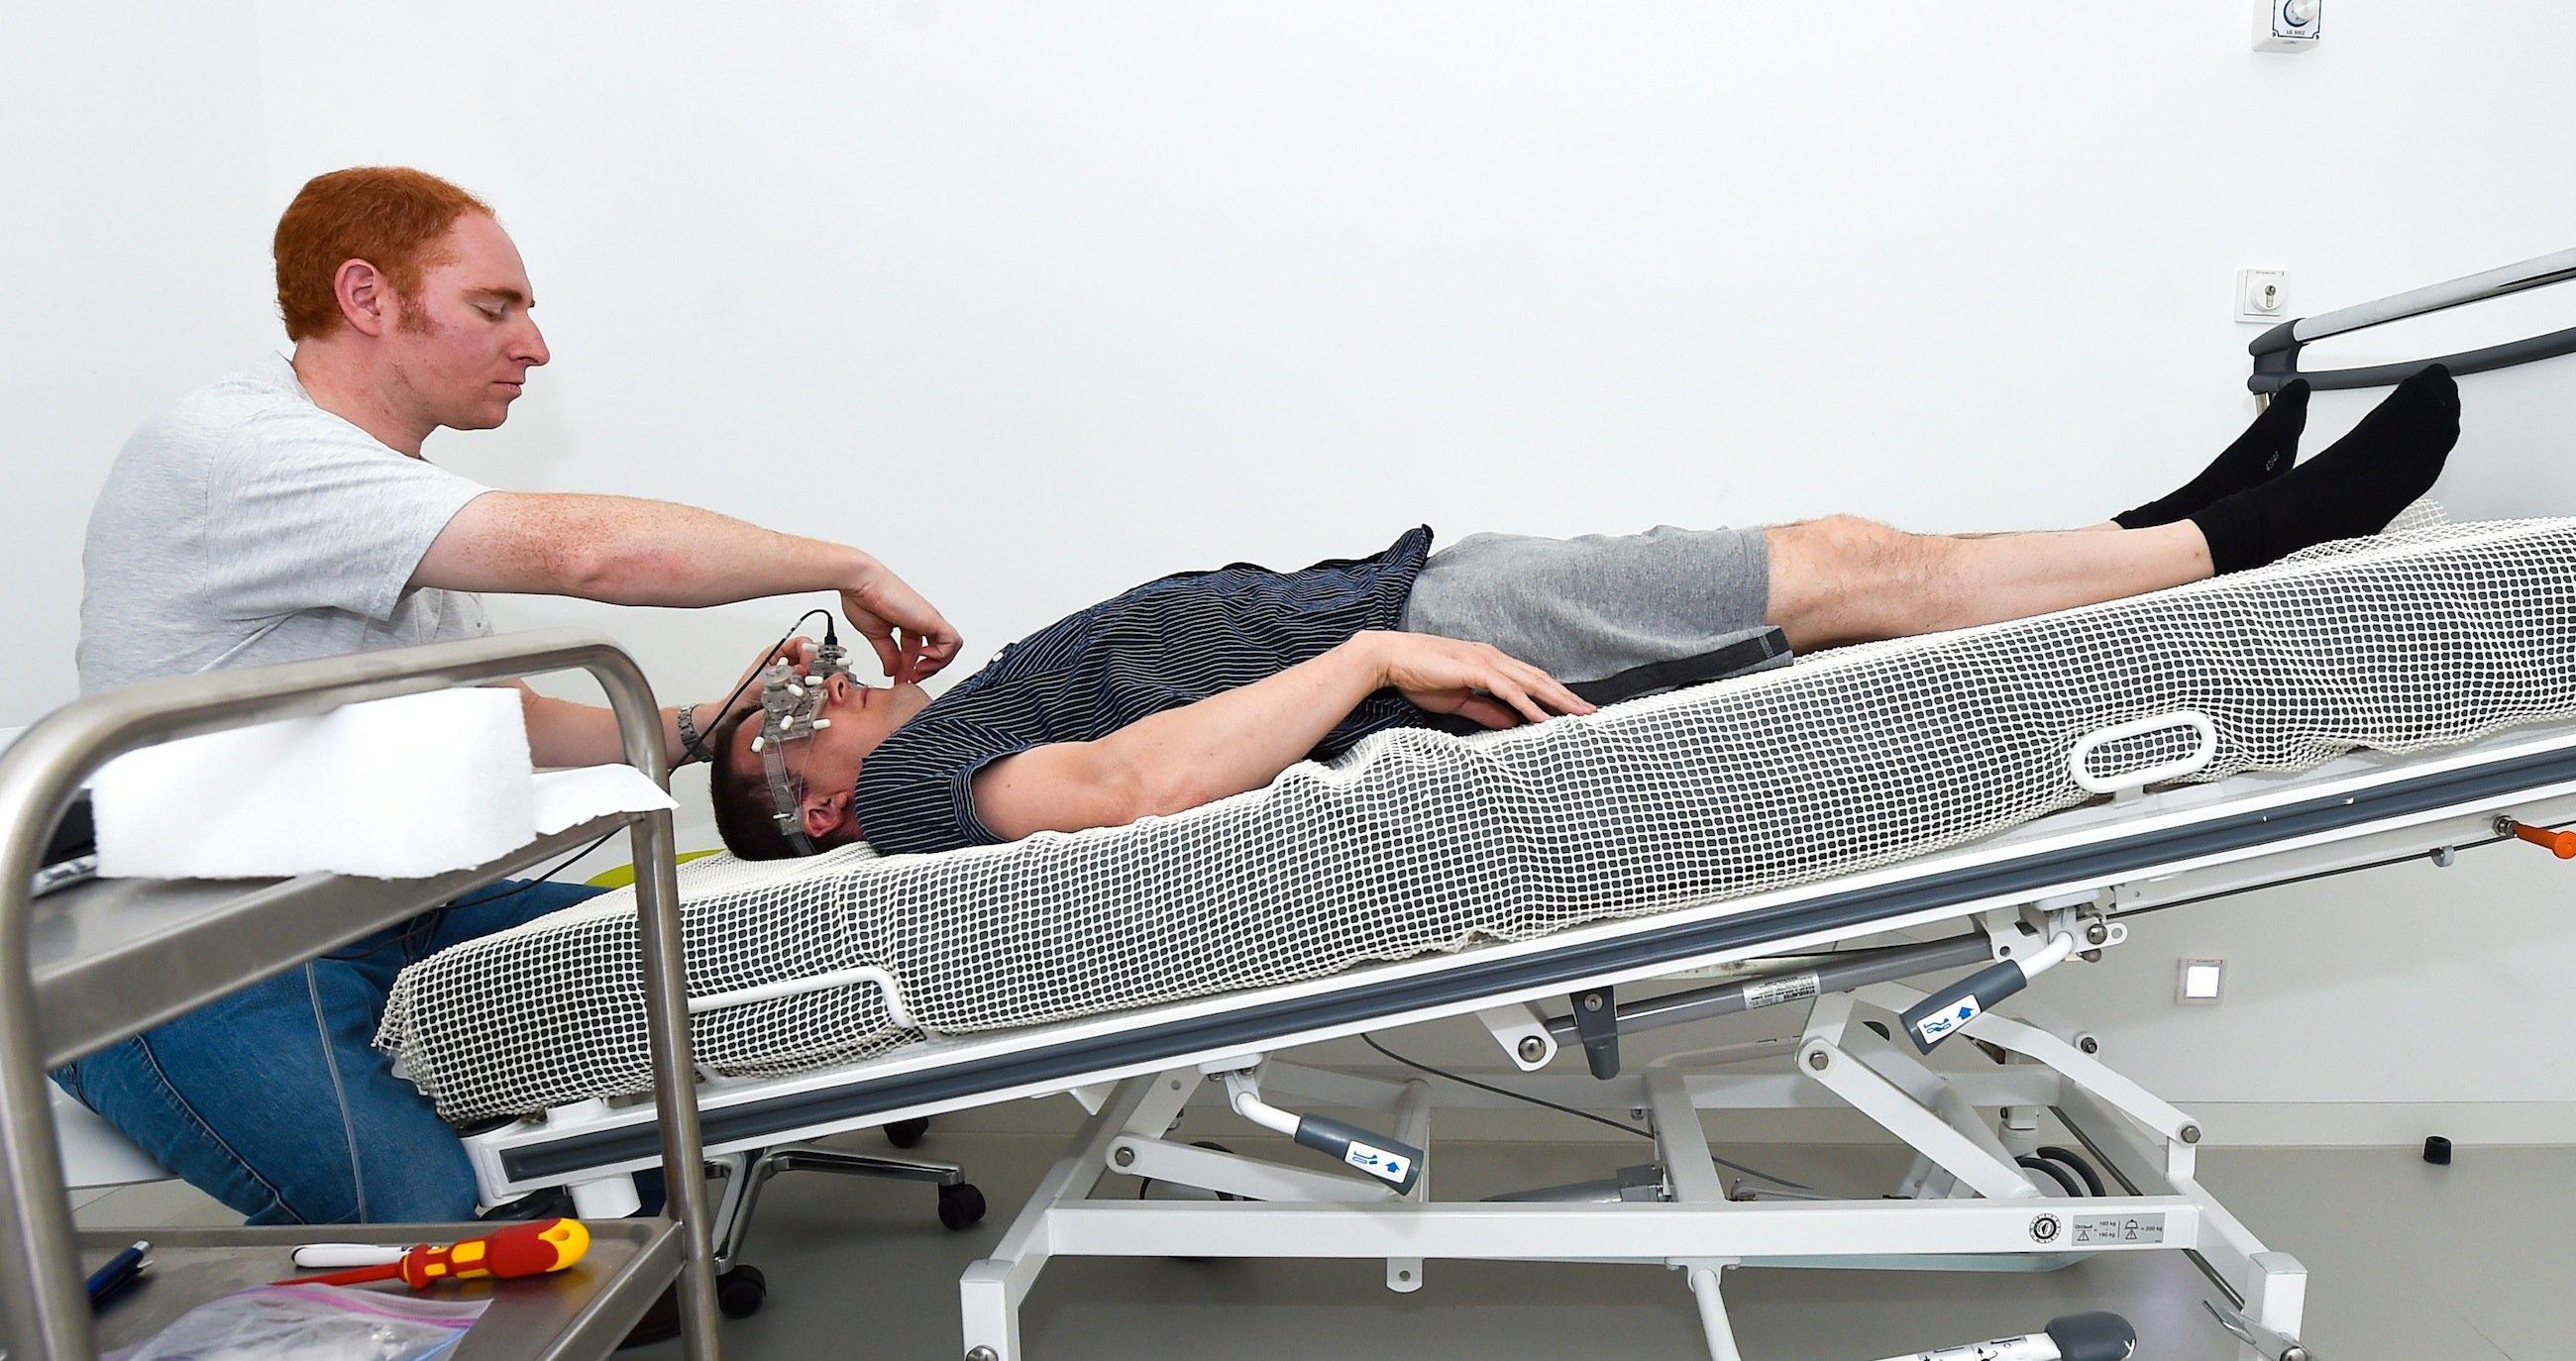 Mit einem nicht-invasiven Hirndruckmesser wird während der Testreihe im DLR die Blutflussgeschwindigkeit und der Hirndruck ermittelt.